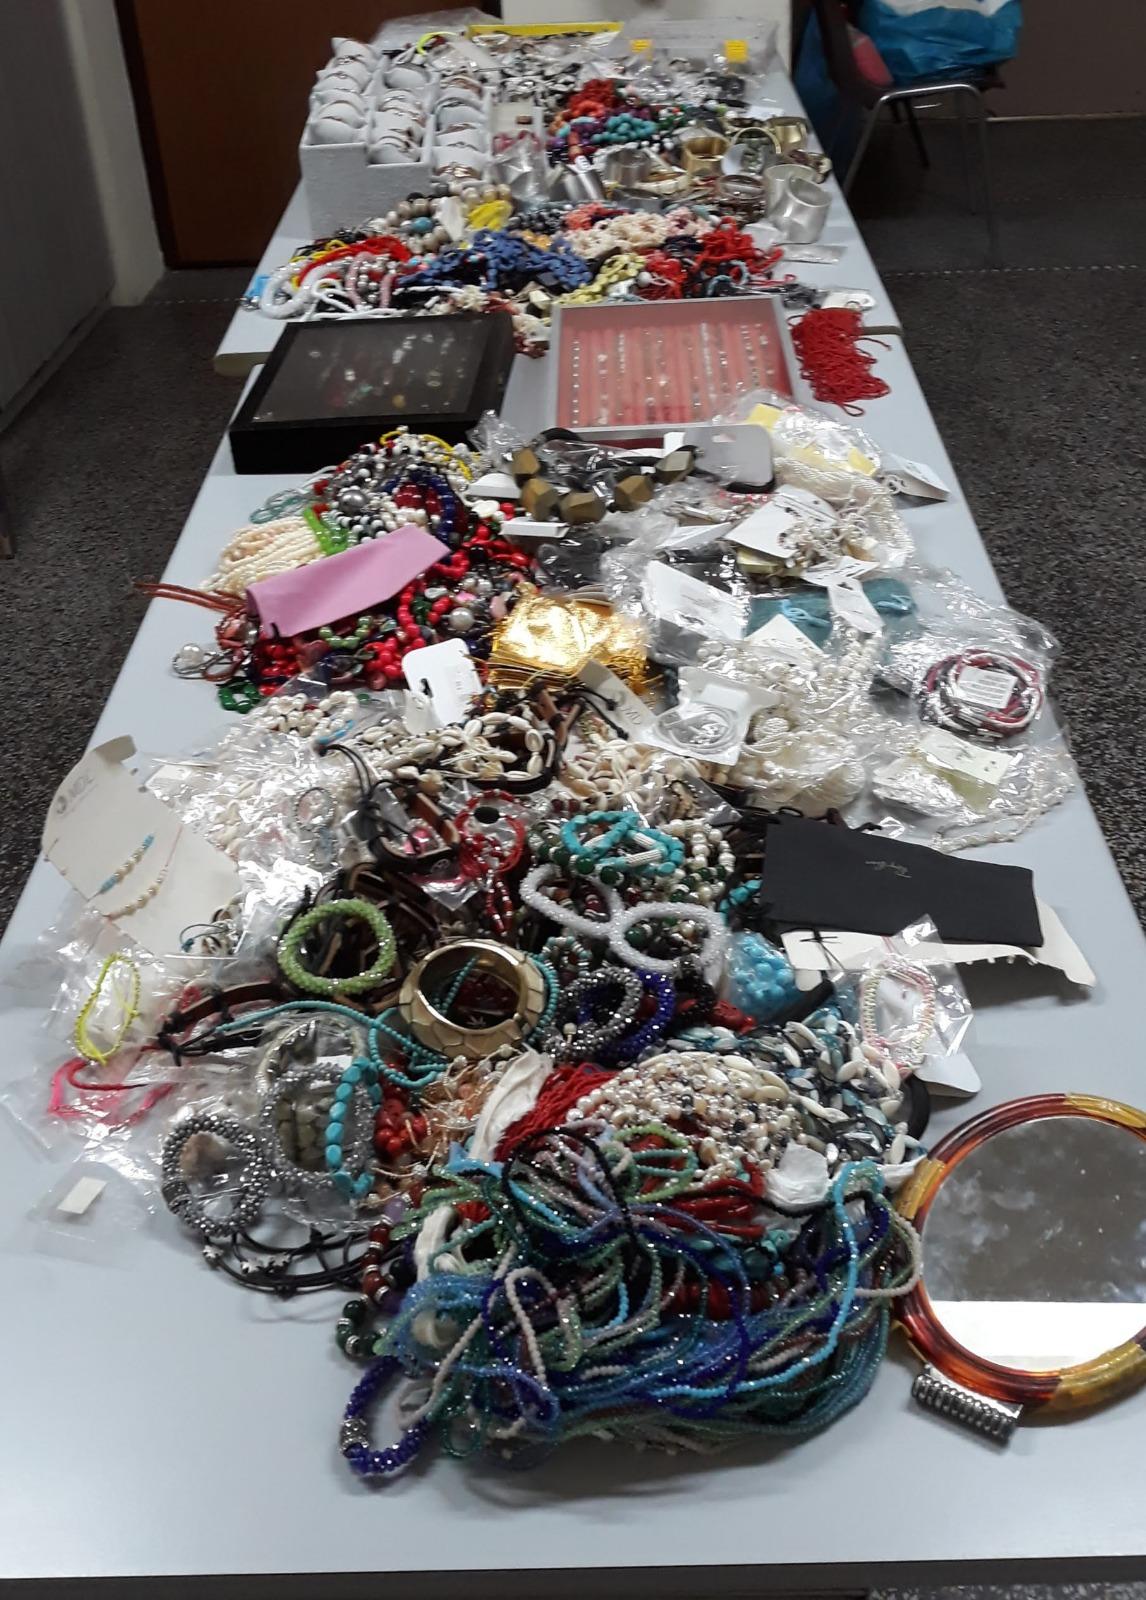 Abusivismo: lotta alla contraffazione, sequestrati 40.000 euro di bigiotteria